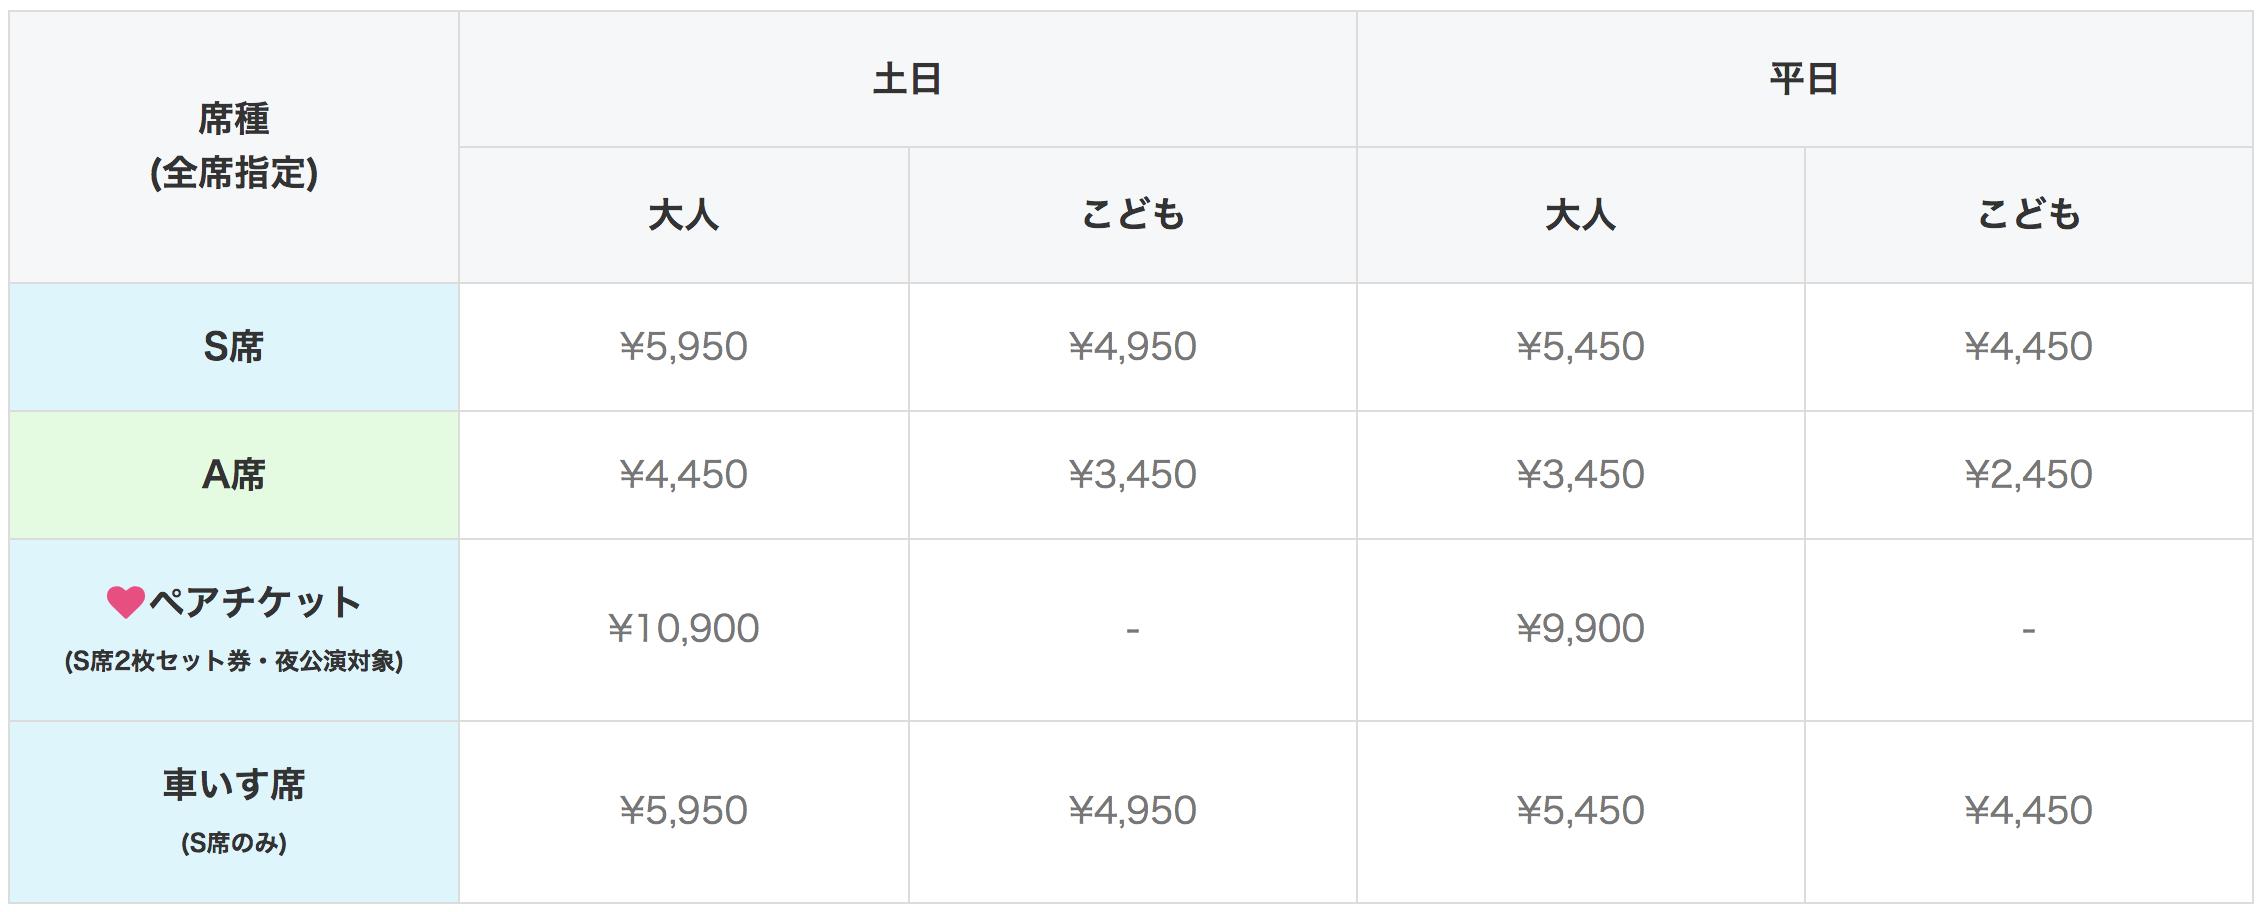 ディズニーオンアイス】大阪公演おすすめの座席はココ|子供と楽しむため